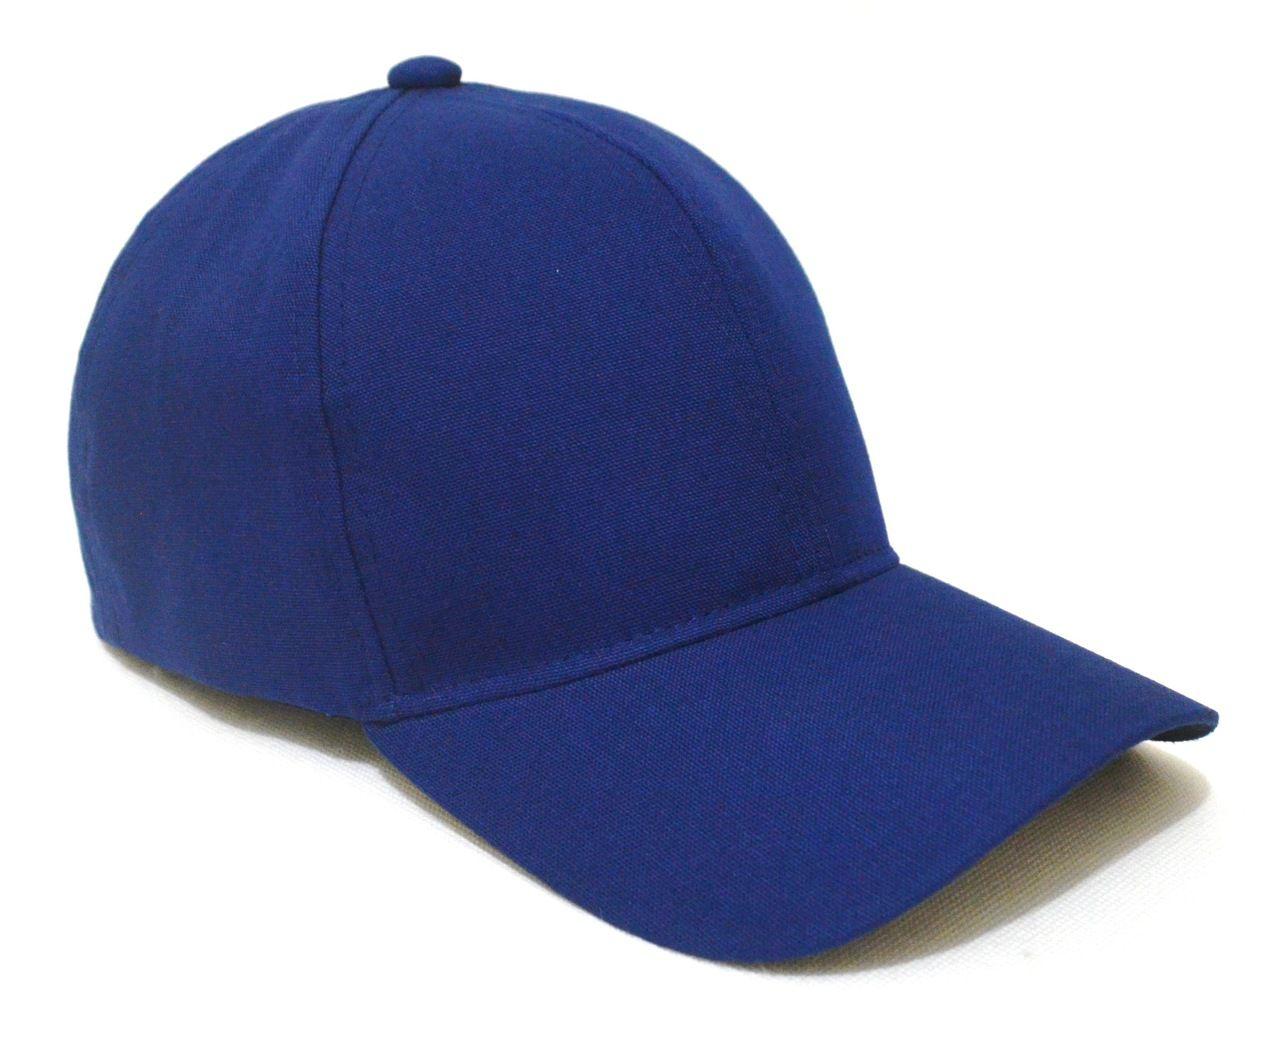 Boné Azul Marinho Liso Sem Estampa Unissex Aba Curva - Super Leve e com  Ajuste de b742855de68